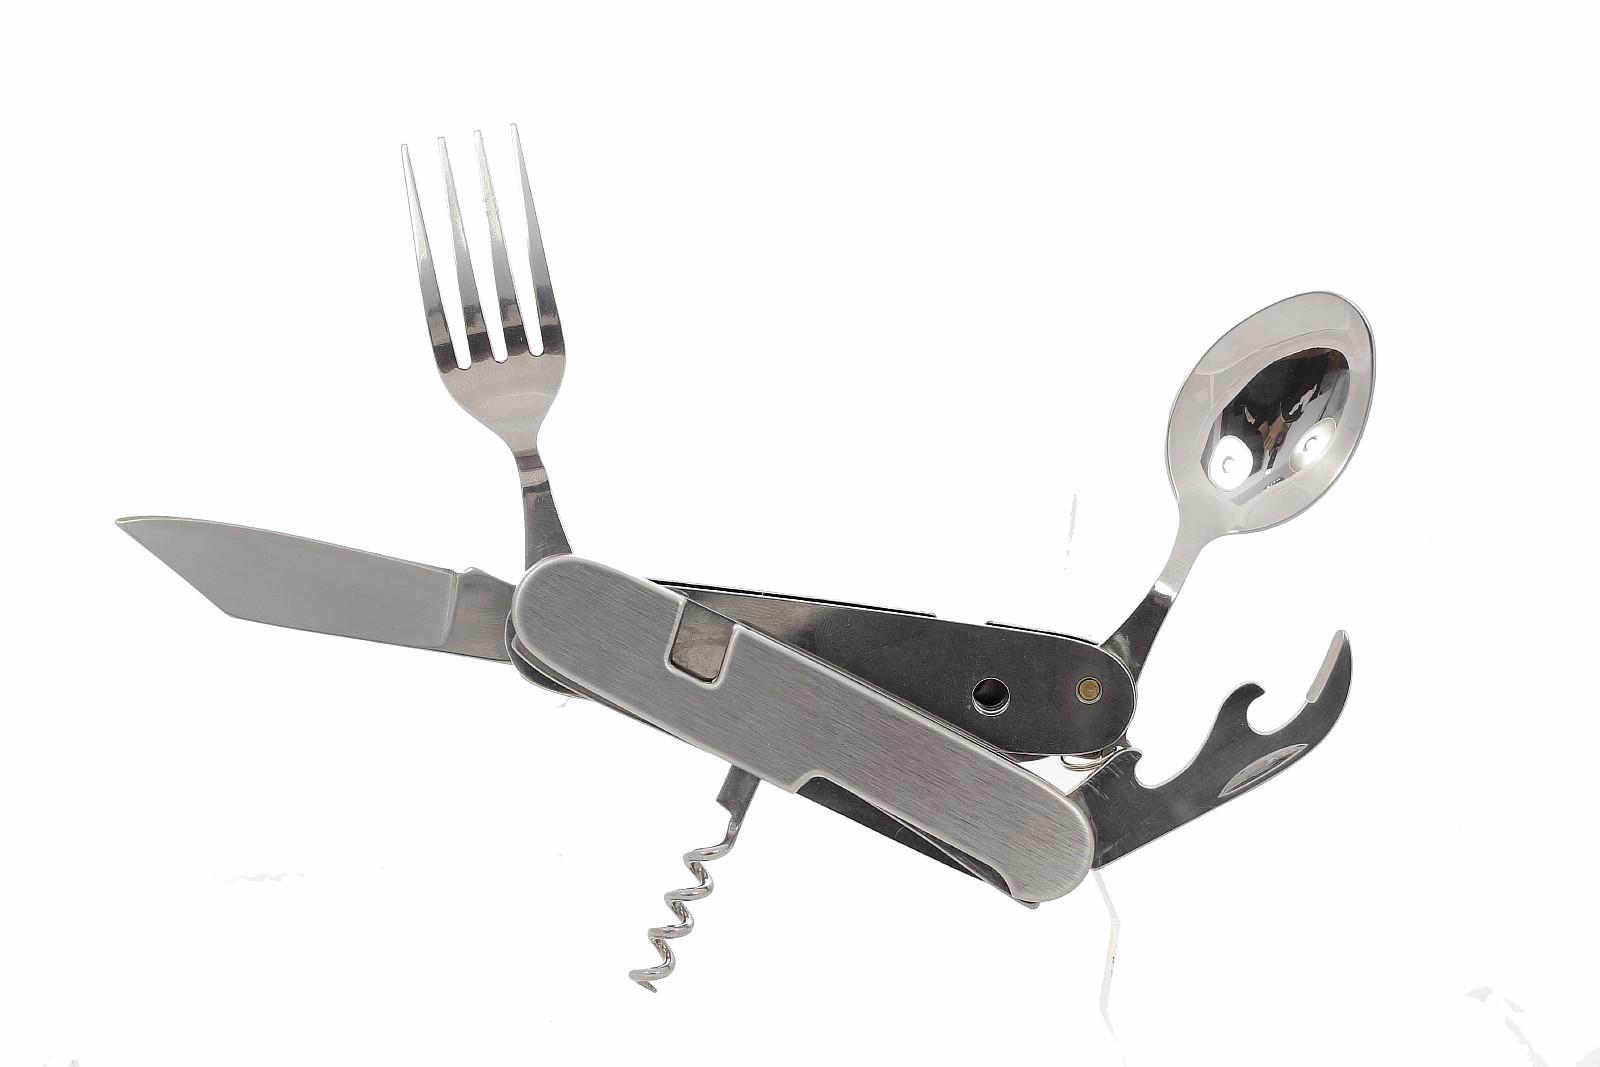 Многофункциональный походный нож 7-в-1 A106 GРаскладные ножи<br>Комплектуется: ложкой, вилкой, ножом, шилом, консервным ножом, открывалкой, штопором. Для удобства использования разделяется на 2 части.<br>Длина клинка:73 ммТолщина лезвия:2,5 ммОбщая длина:112 ммМатериал рукояти:СтальКоличество лезвий:6<br>